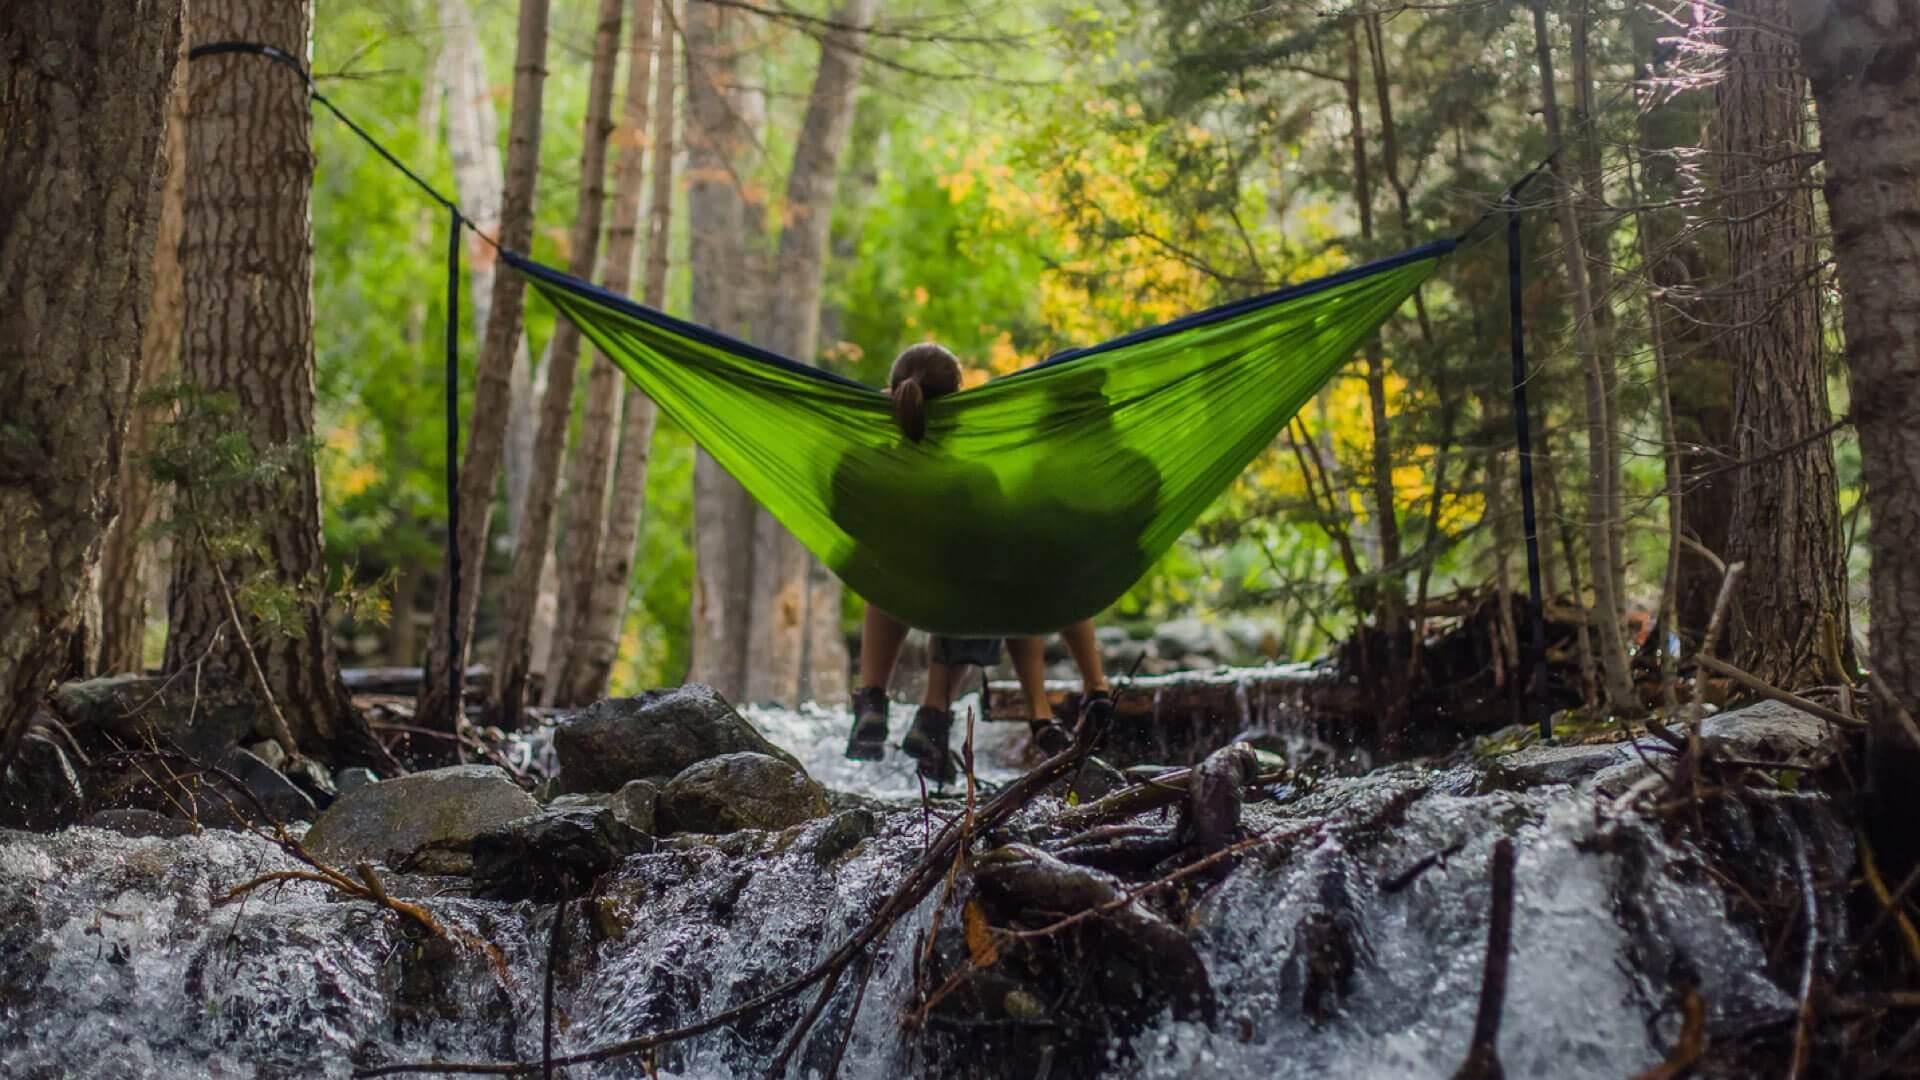 Digital Detoxing; Two people sitting in a hammock in the wilderness